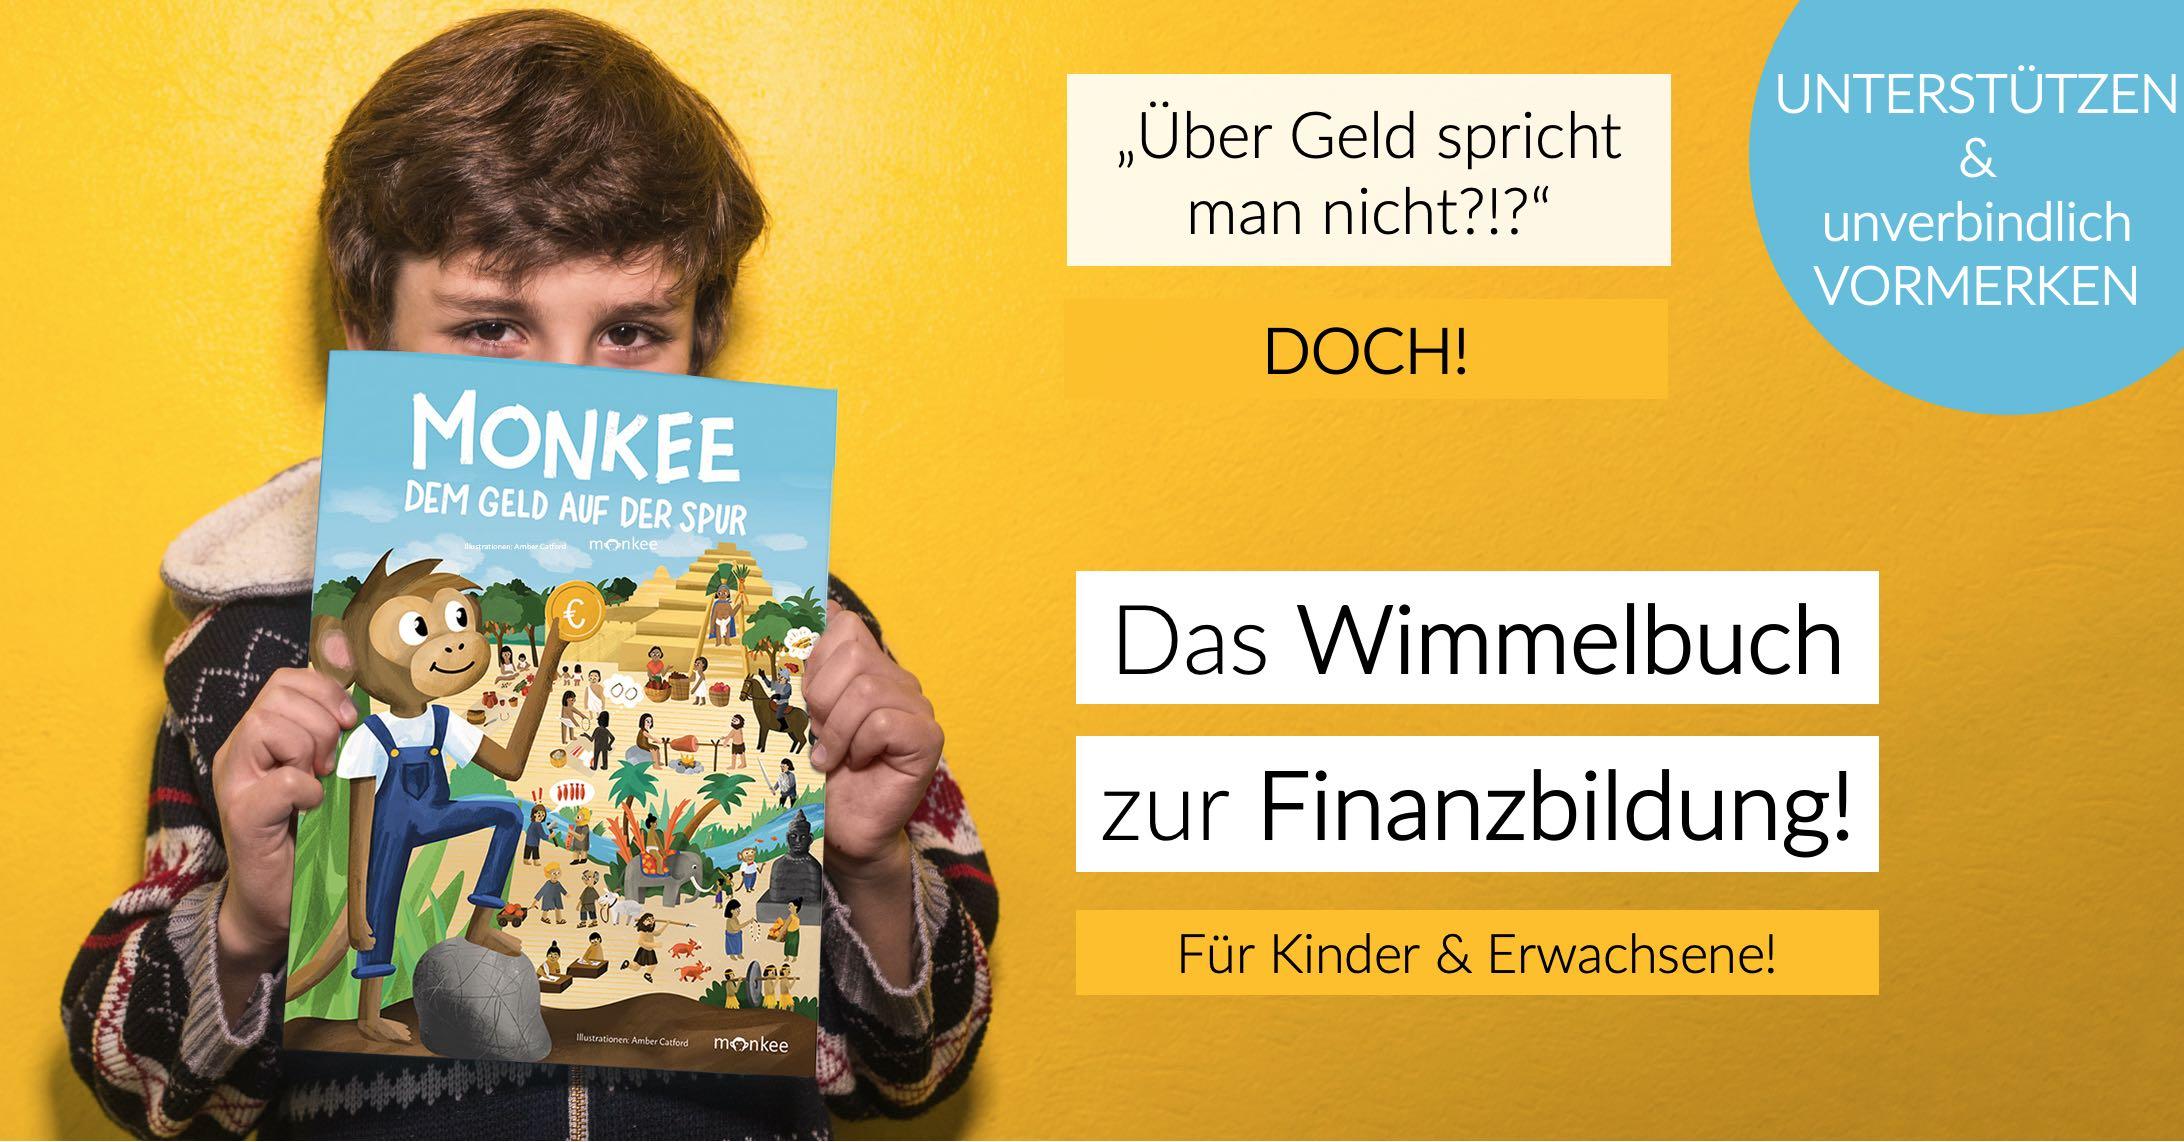 Monkee - dem Geld auf der Spur! Ein Wimmelbuch für Kindern